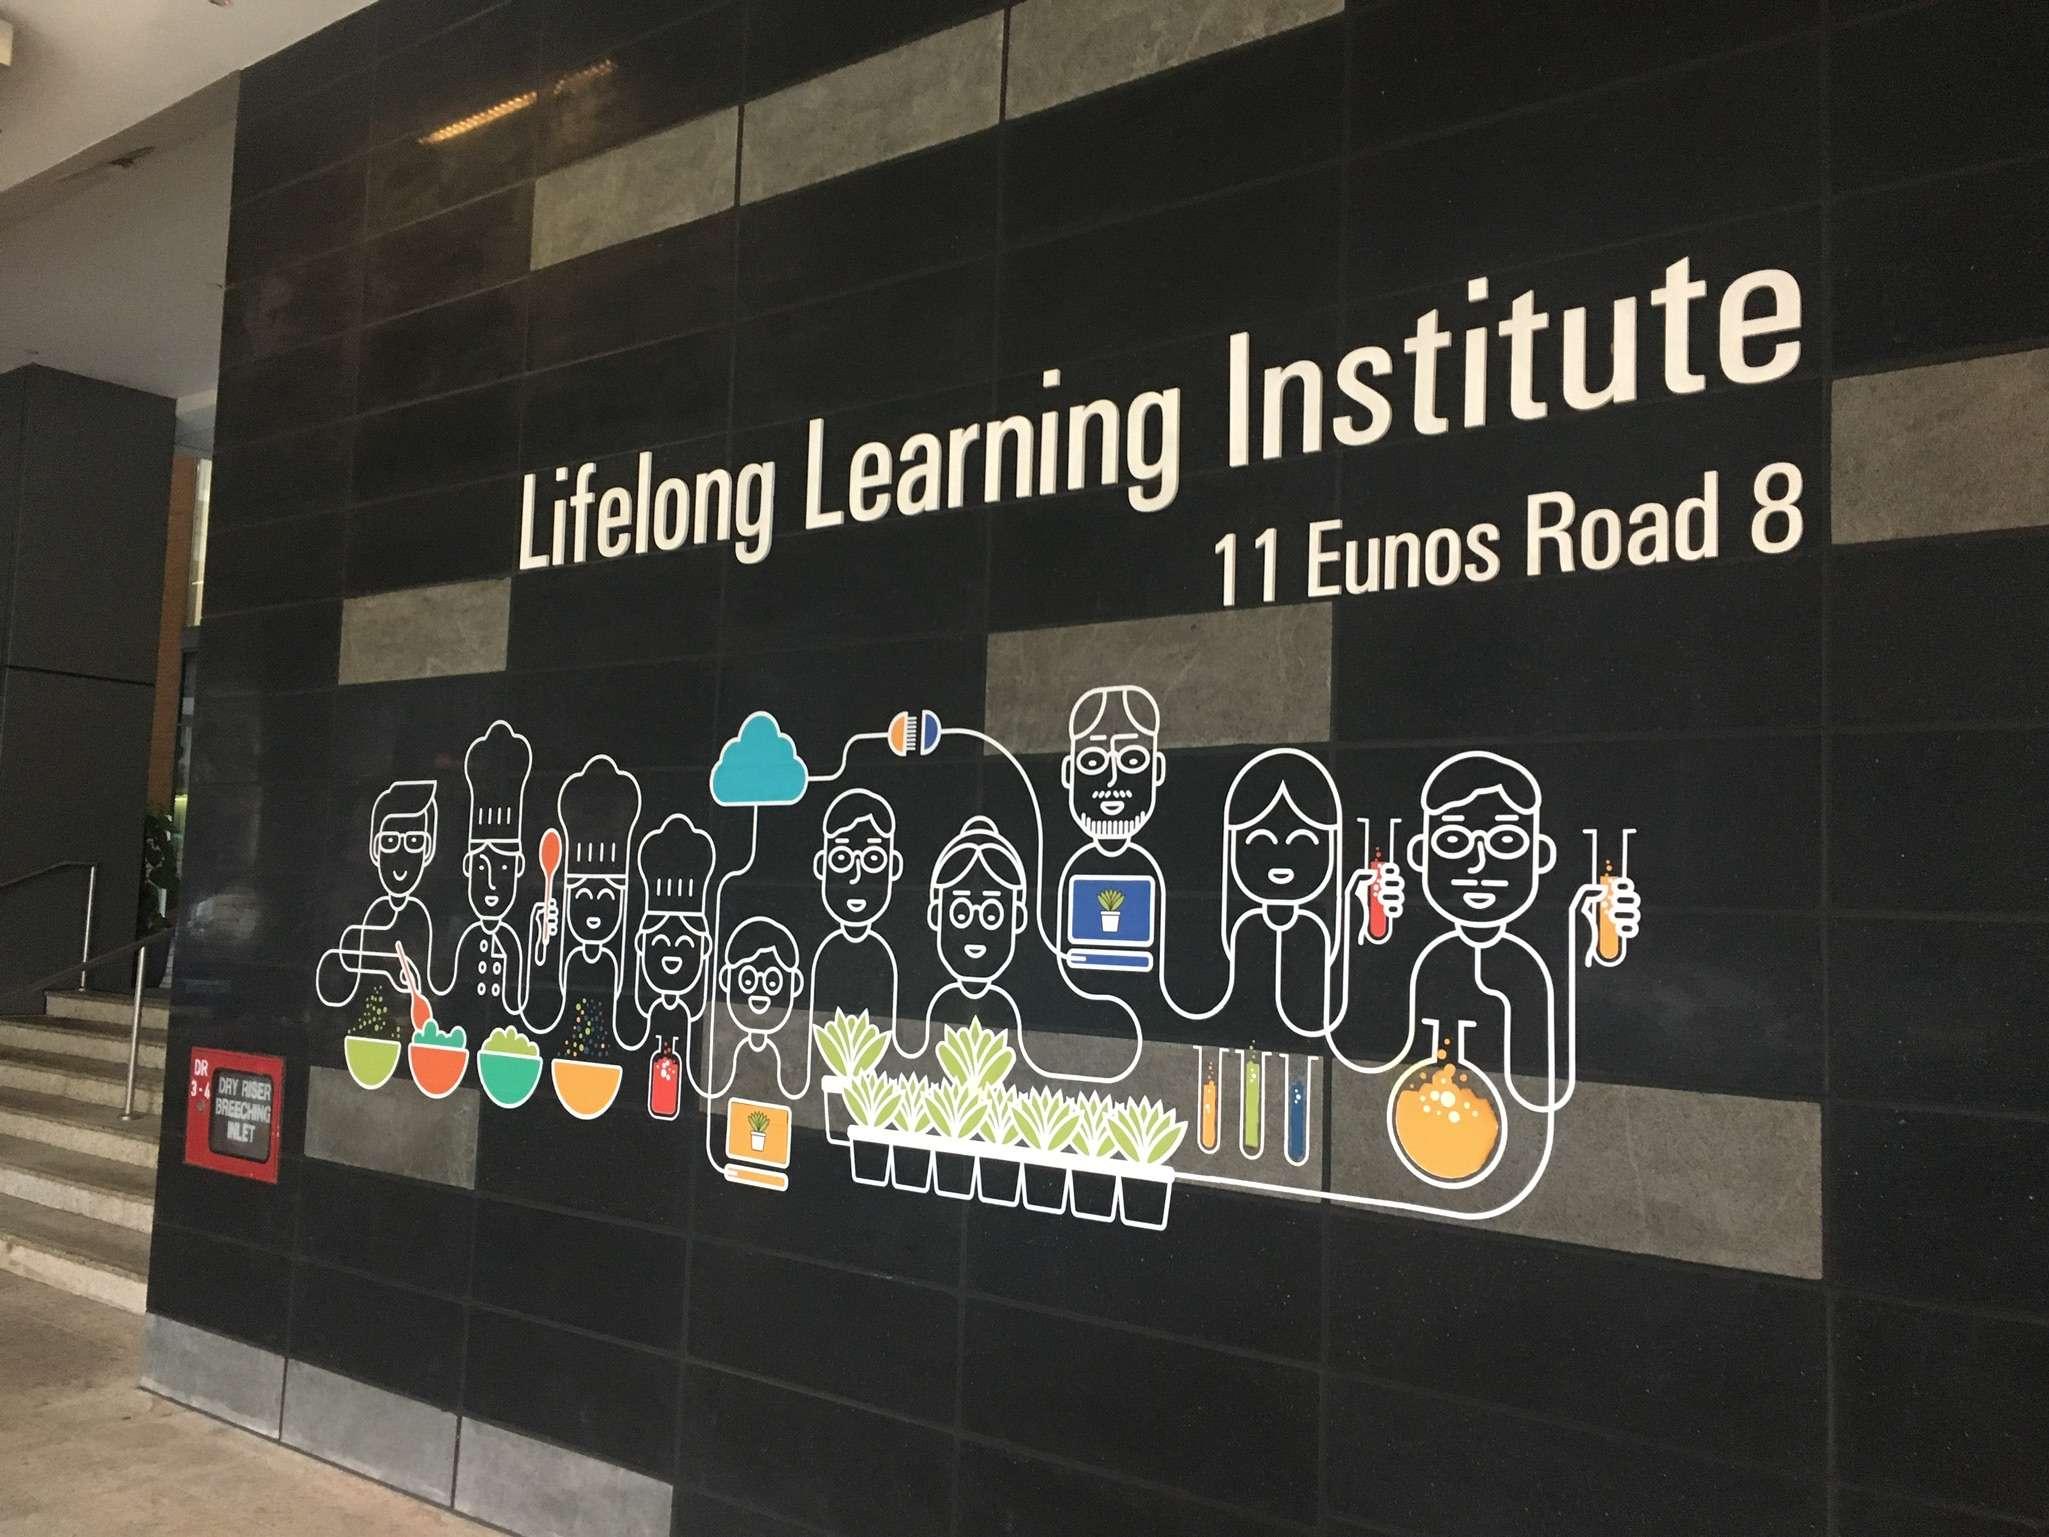 Lifelong Learning Institute, à Singapour:«J'ai pu y entrevoir la façon dont les pouvoirs publics essayent de favoriser l'apprentissage de la population, la ville-Etat ne pouvant compter que sur sa ressource humaine. Cette volonté s'est notamment manifestée par la création du Lifelong Learning Institute, une sorte de grande bibliothèque accessible à tous. L'on y vient pour recueillir des conseils de carrière, suivre des cours, s'informer…» (Nicolas Rousseaux)